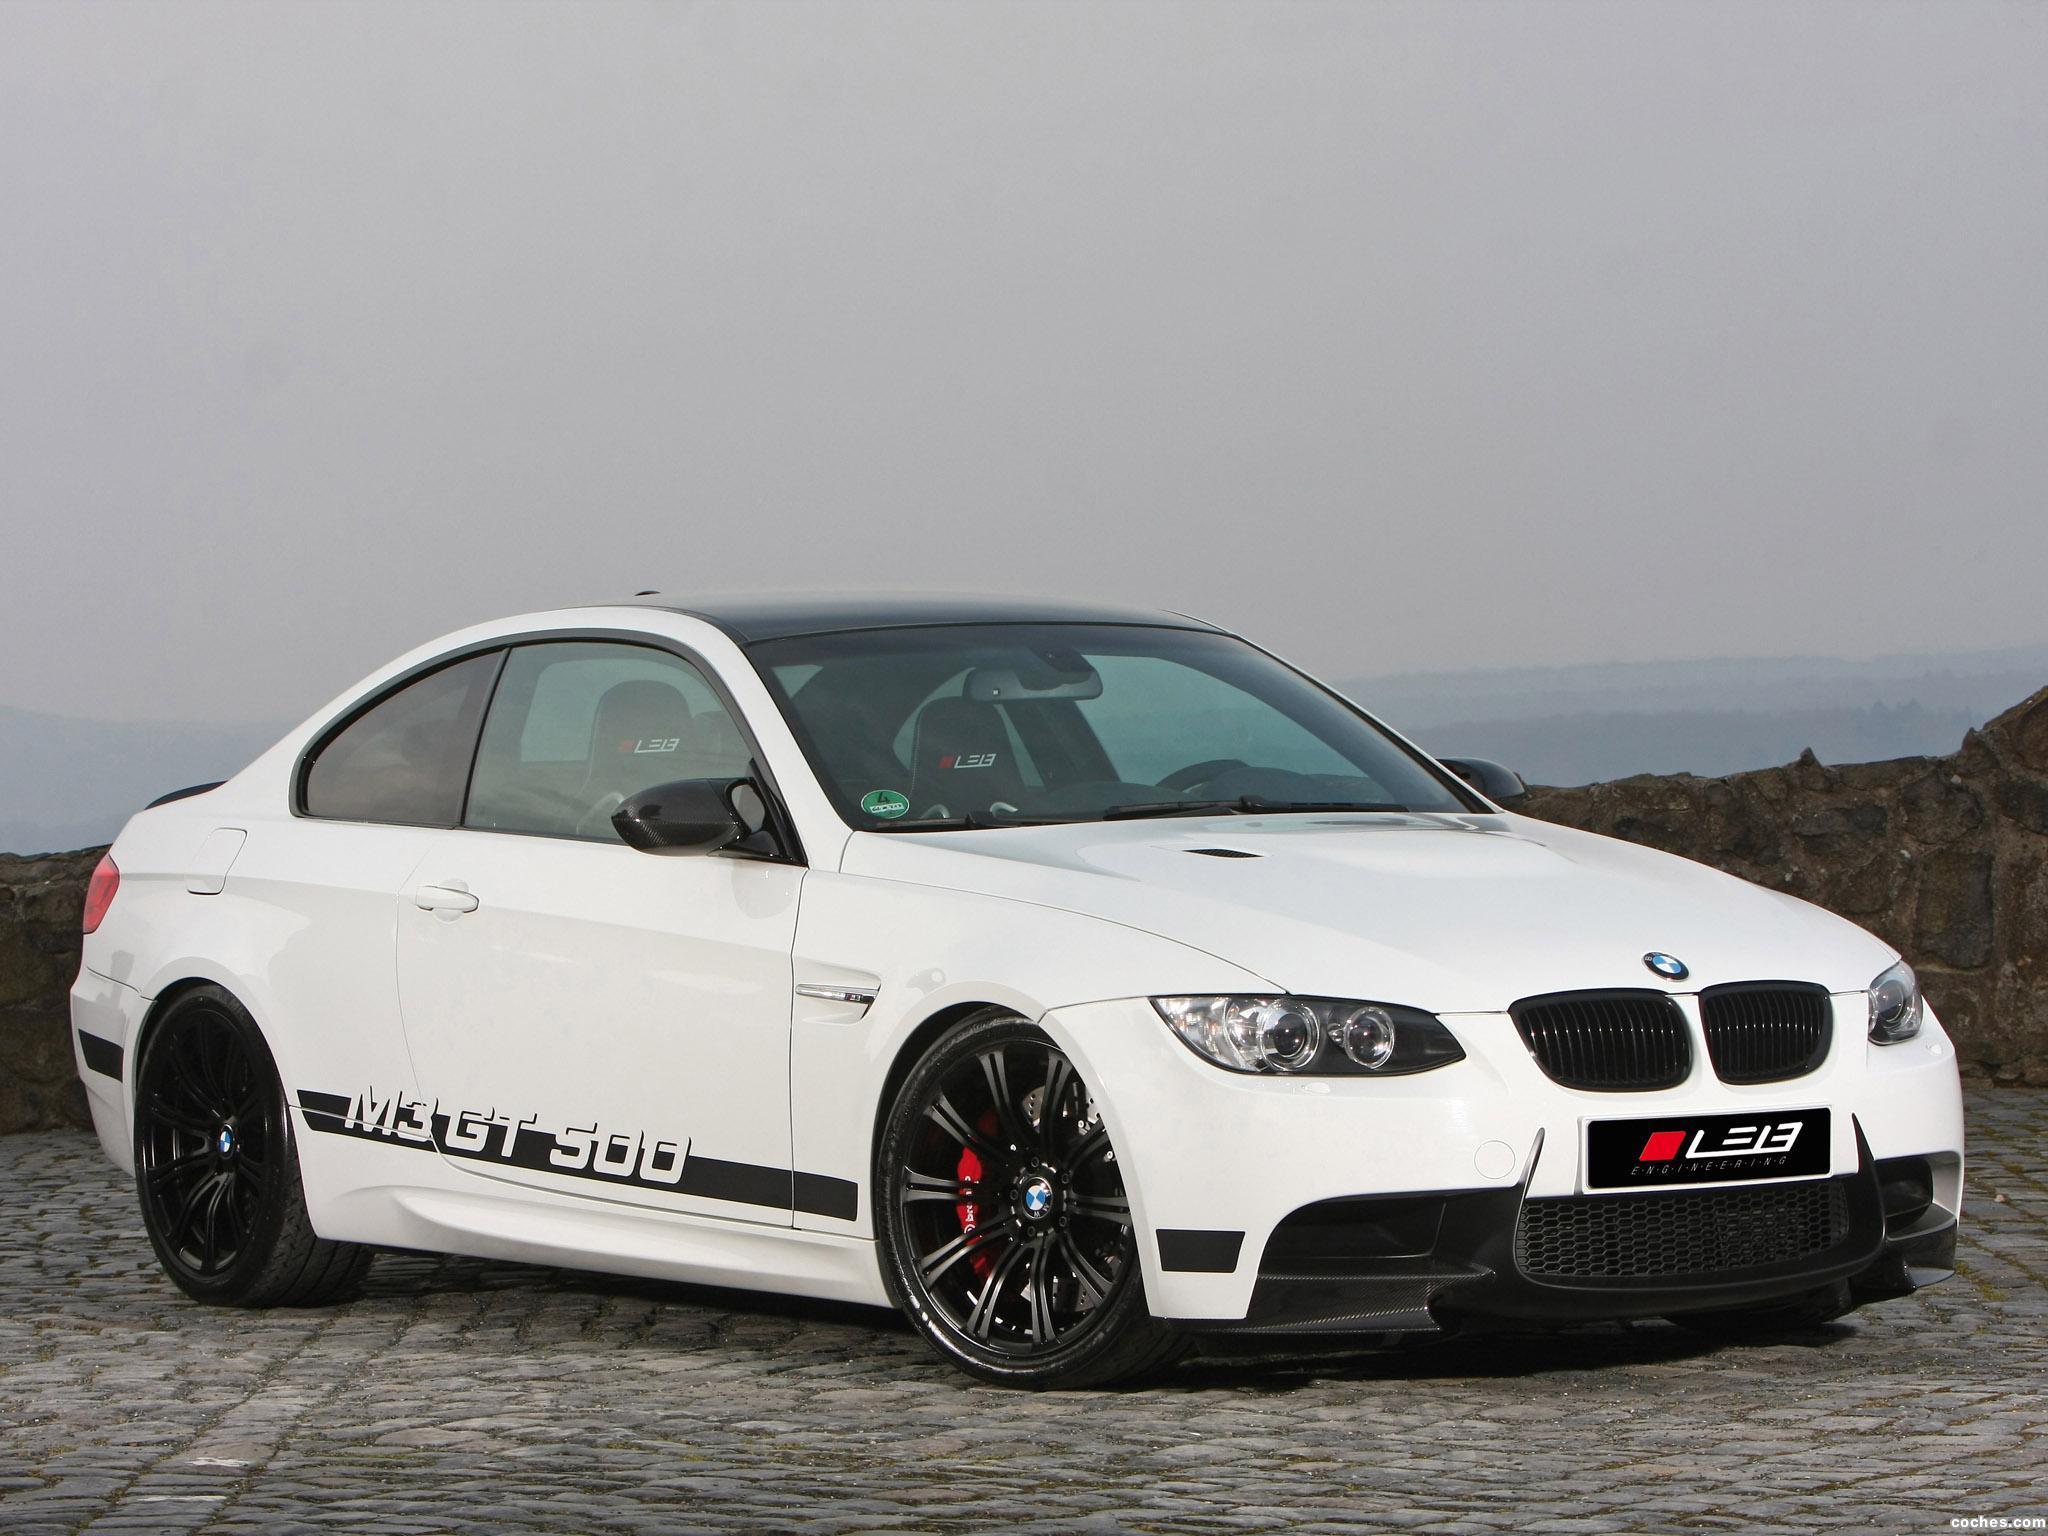 Foto 0 de BMW M3 Leib GT 500 E92 2013